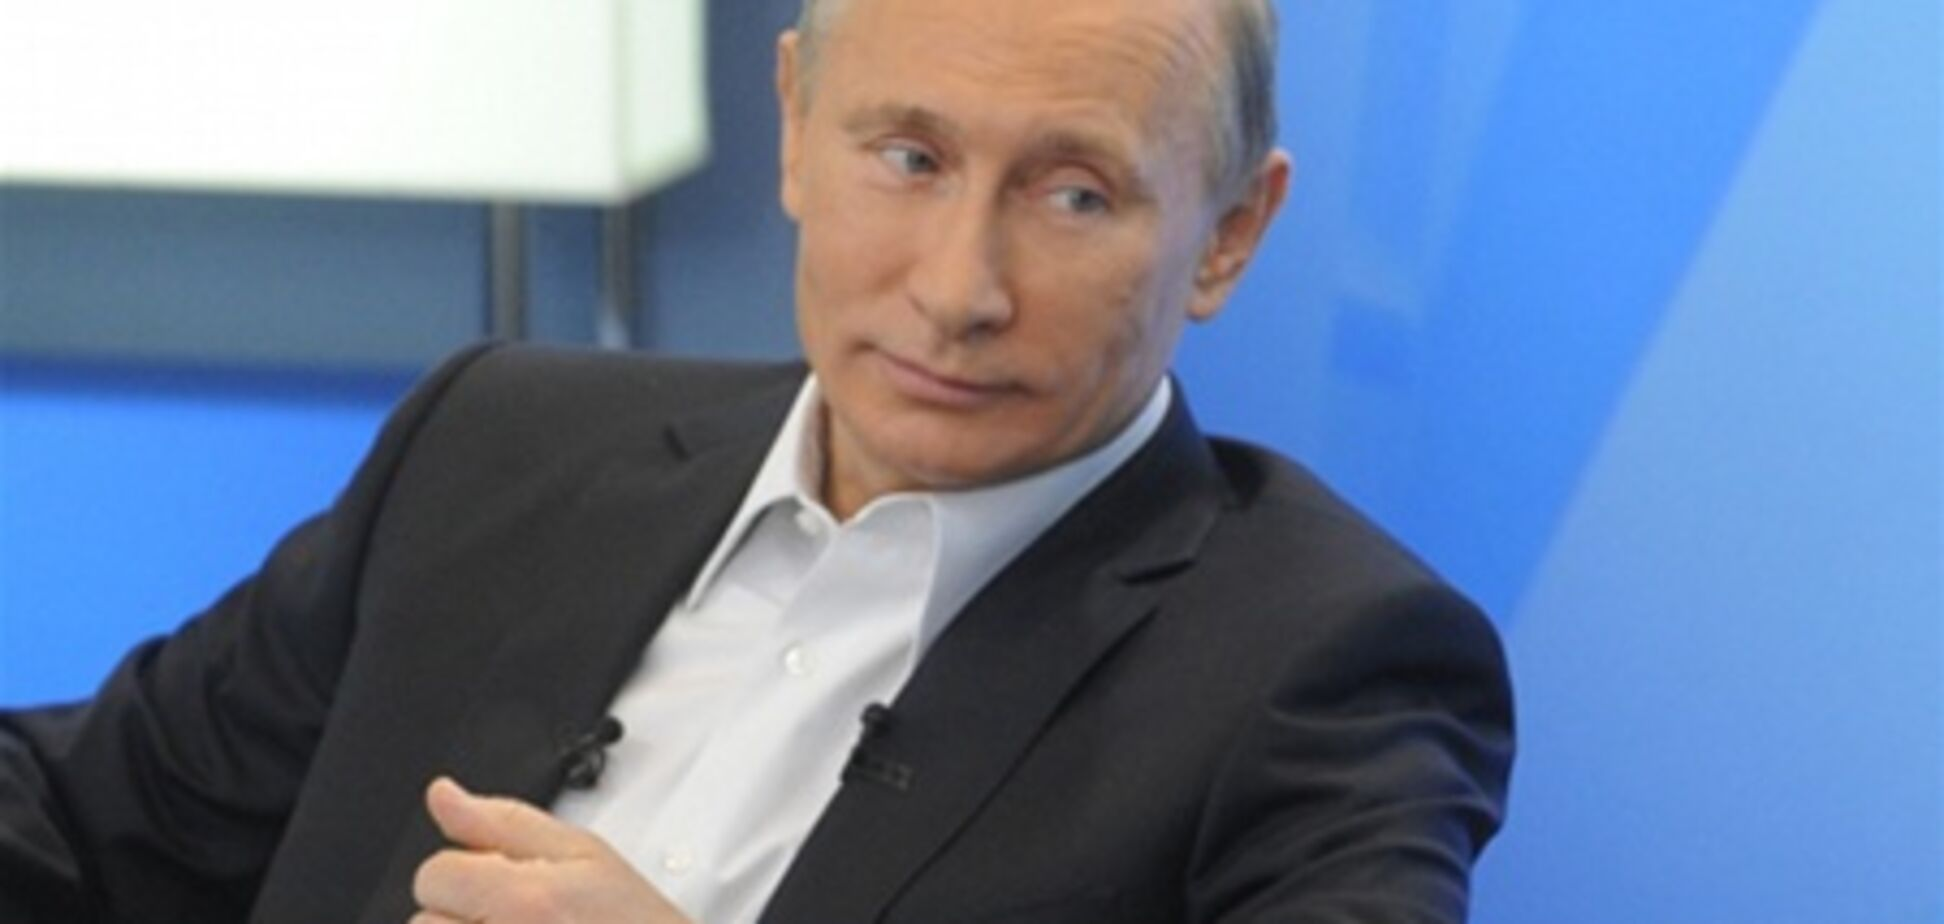 Британський депутат пропонує не пустити Путіна на Олімпіаду-2012 у Лондоні